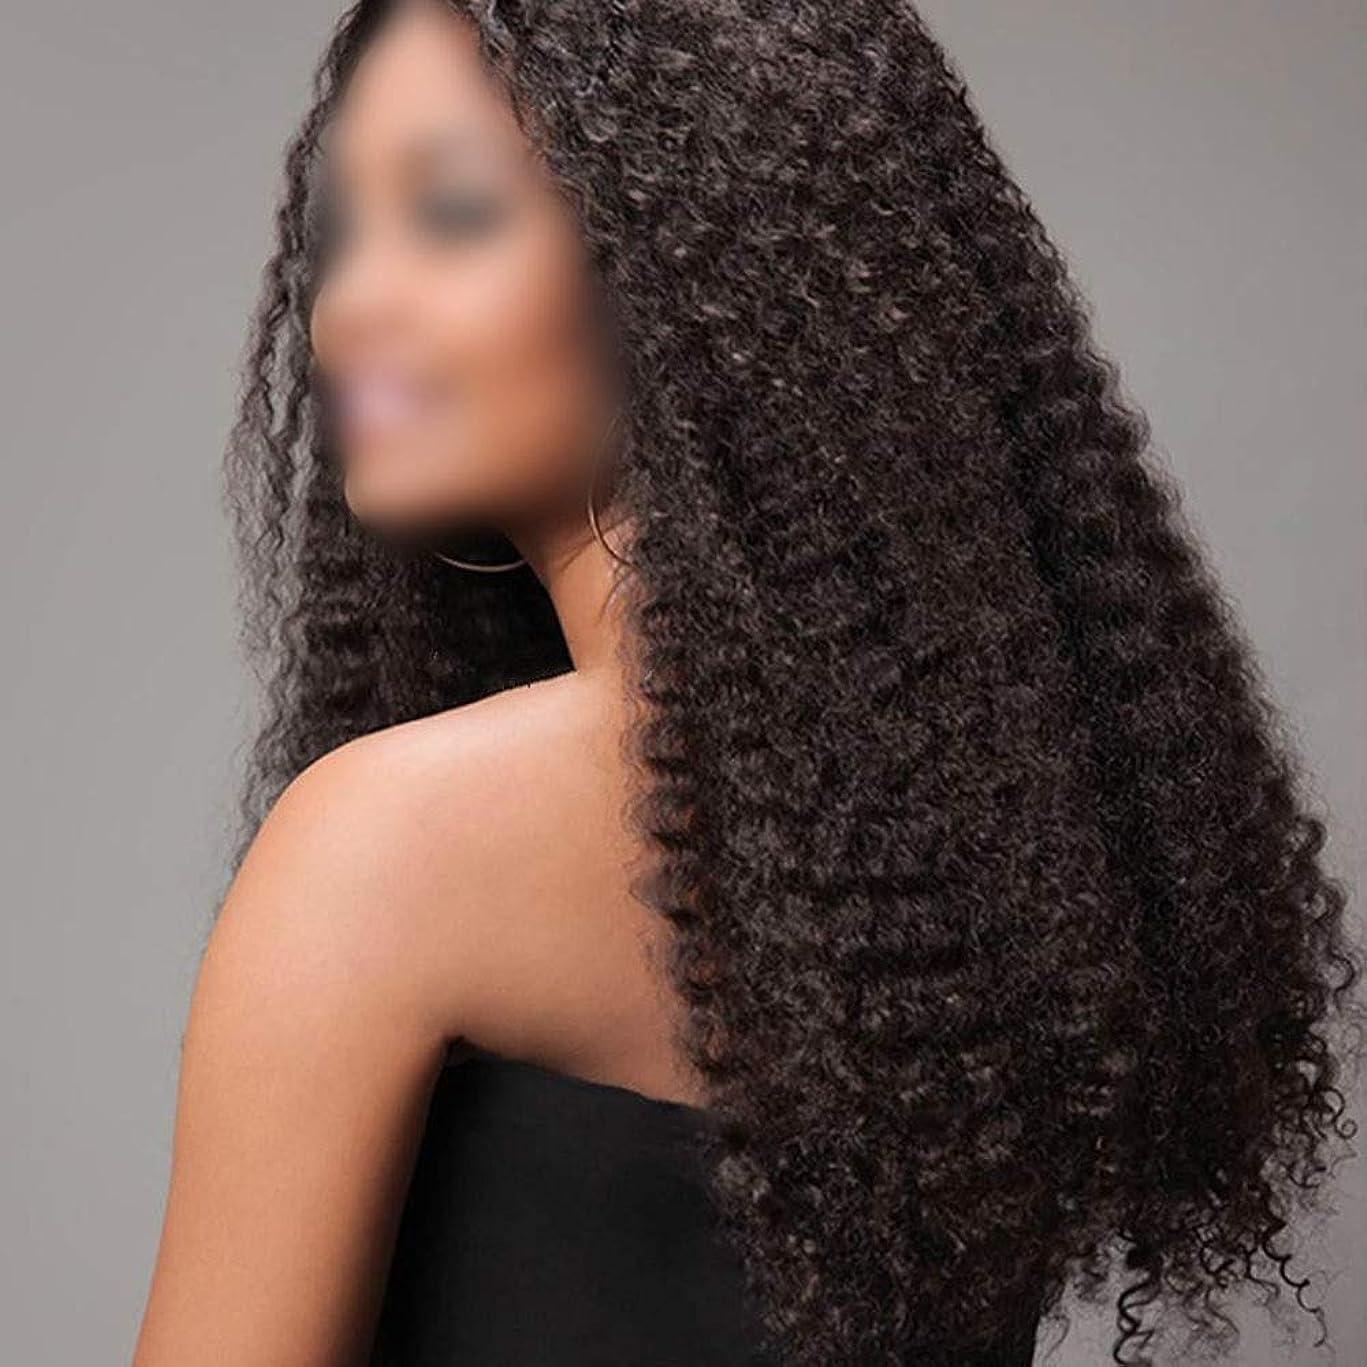 知的ずらすリビジョンYrattary 女性ふわふわカーリー爆発的な髪のかつら - ブラジルの深い波小さなロール髪のかつらロングカール髪コスプレパーティーかつら自然な女性の合成かつらレースかつらロールプレイングかつら (色 : 黒, サイズ : 20inch)